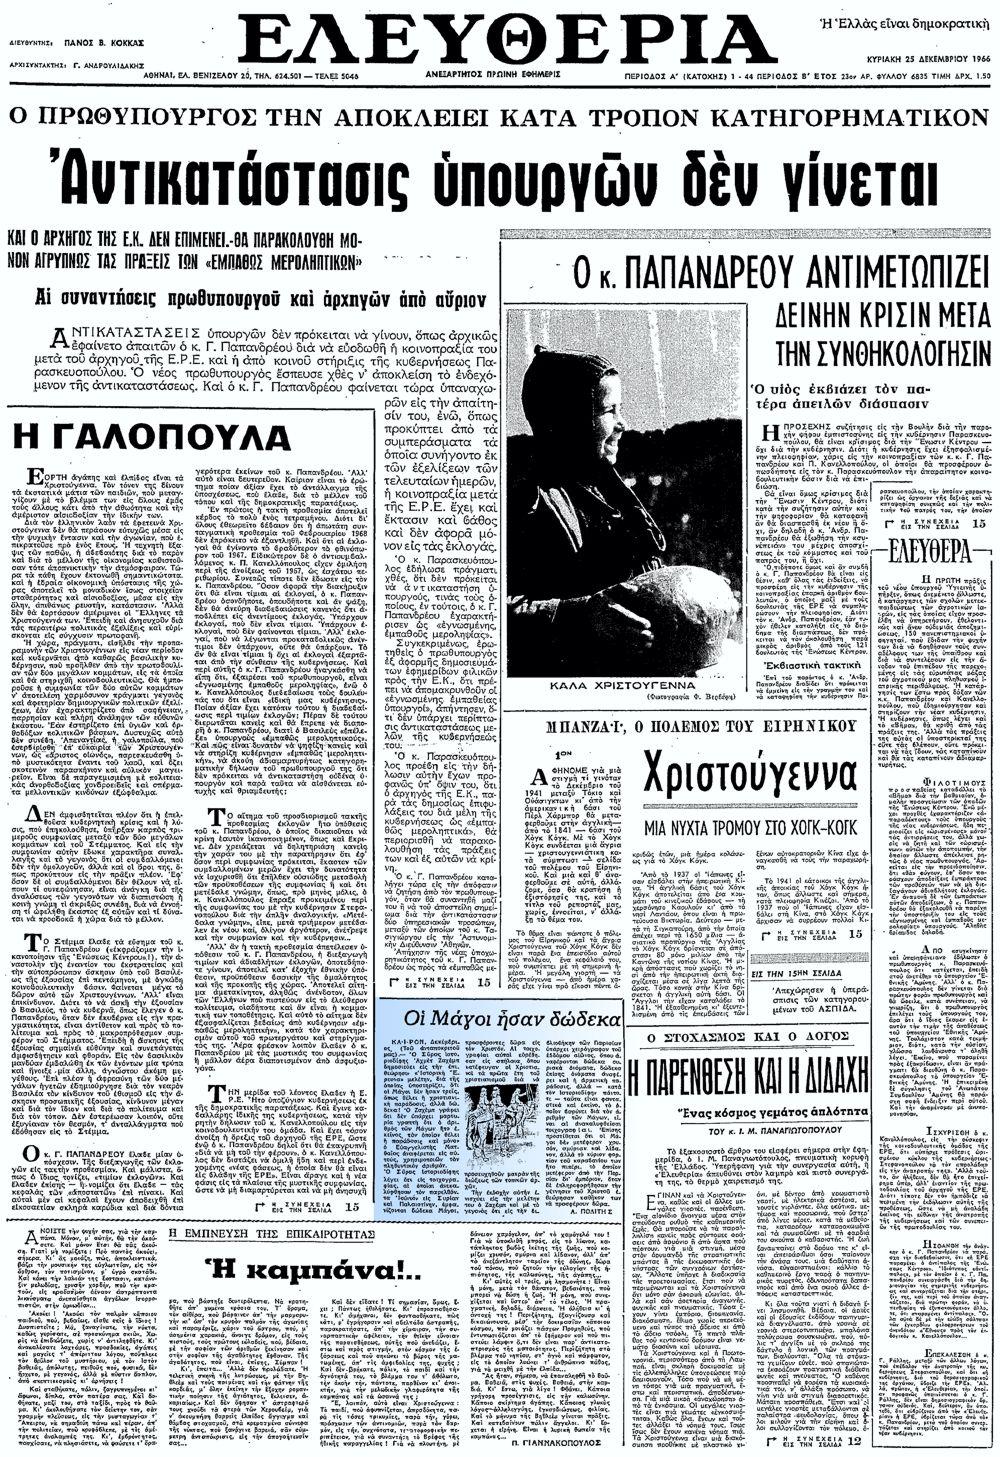 """Το άρθρο, όπως δημοσιεύθηκε στην εφημερίδα """"ΕΛΕΥΘΕΡΙΑ"""", στις 25/12/1966"""